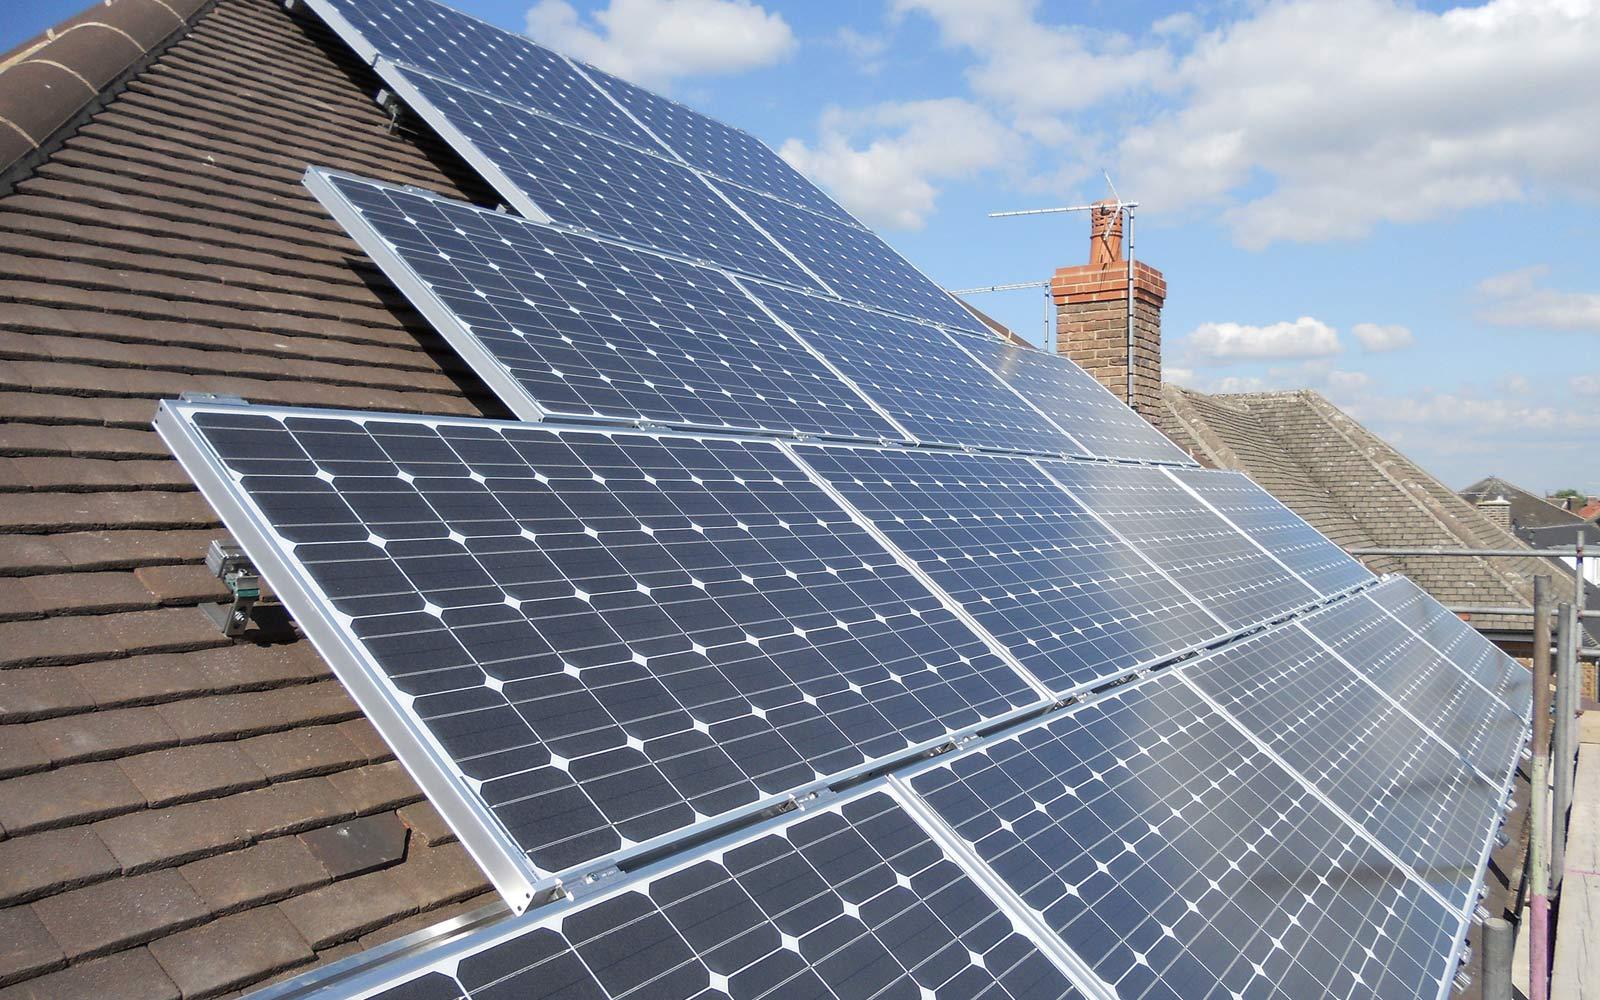 edinstalacije-solarni-paneli-3